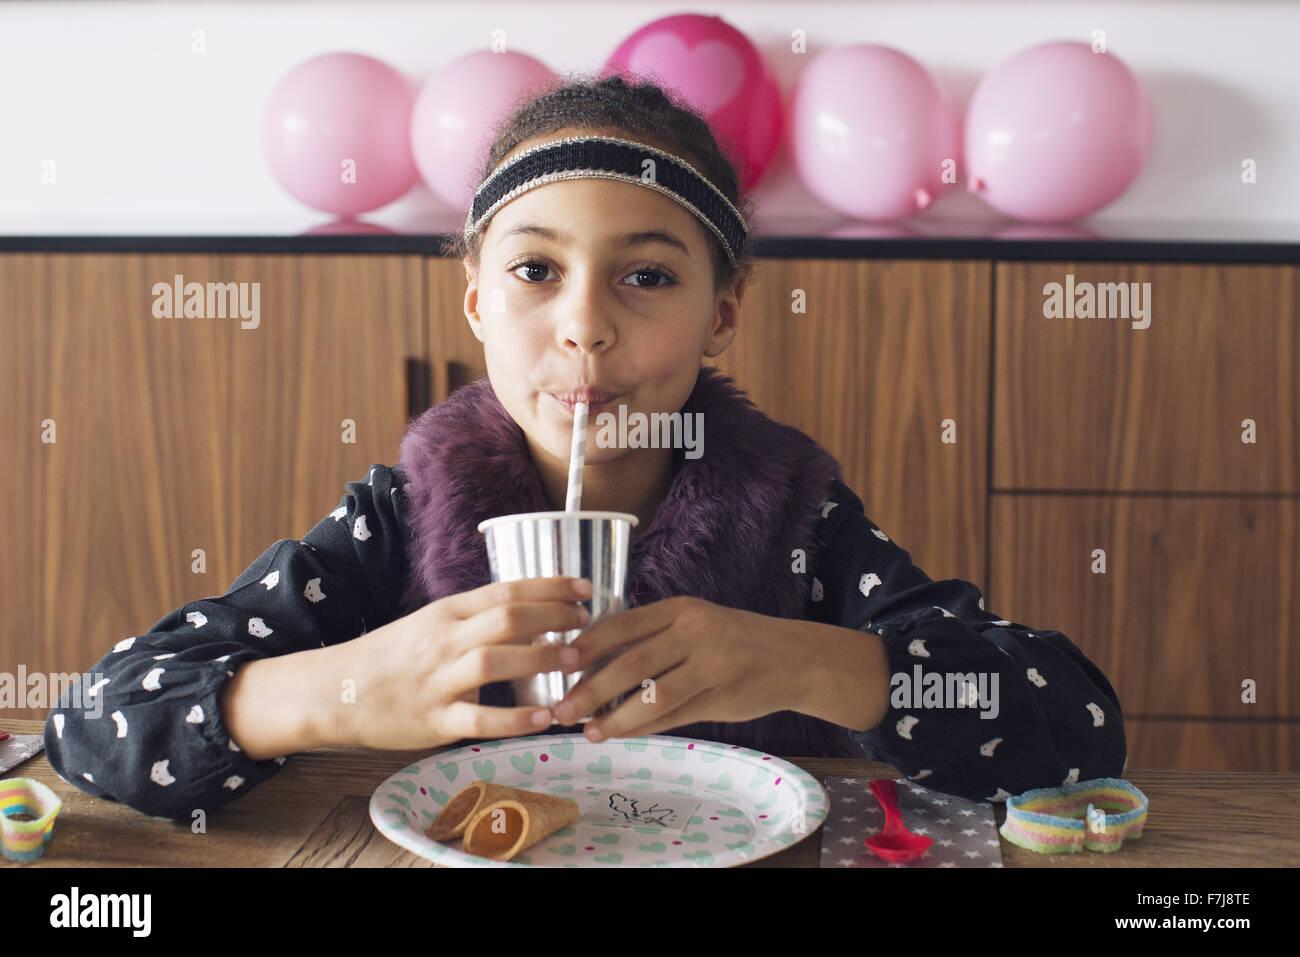 Chica bebiendo a través de una pajita Foto de stock